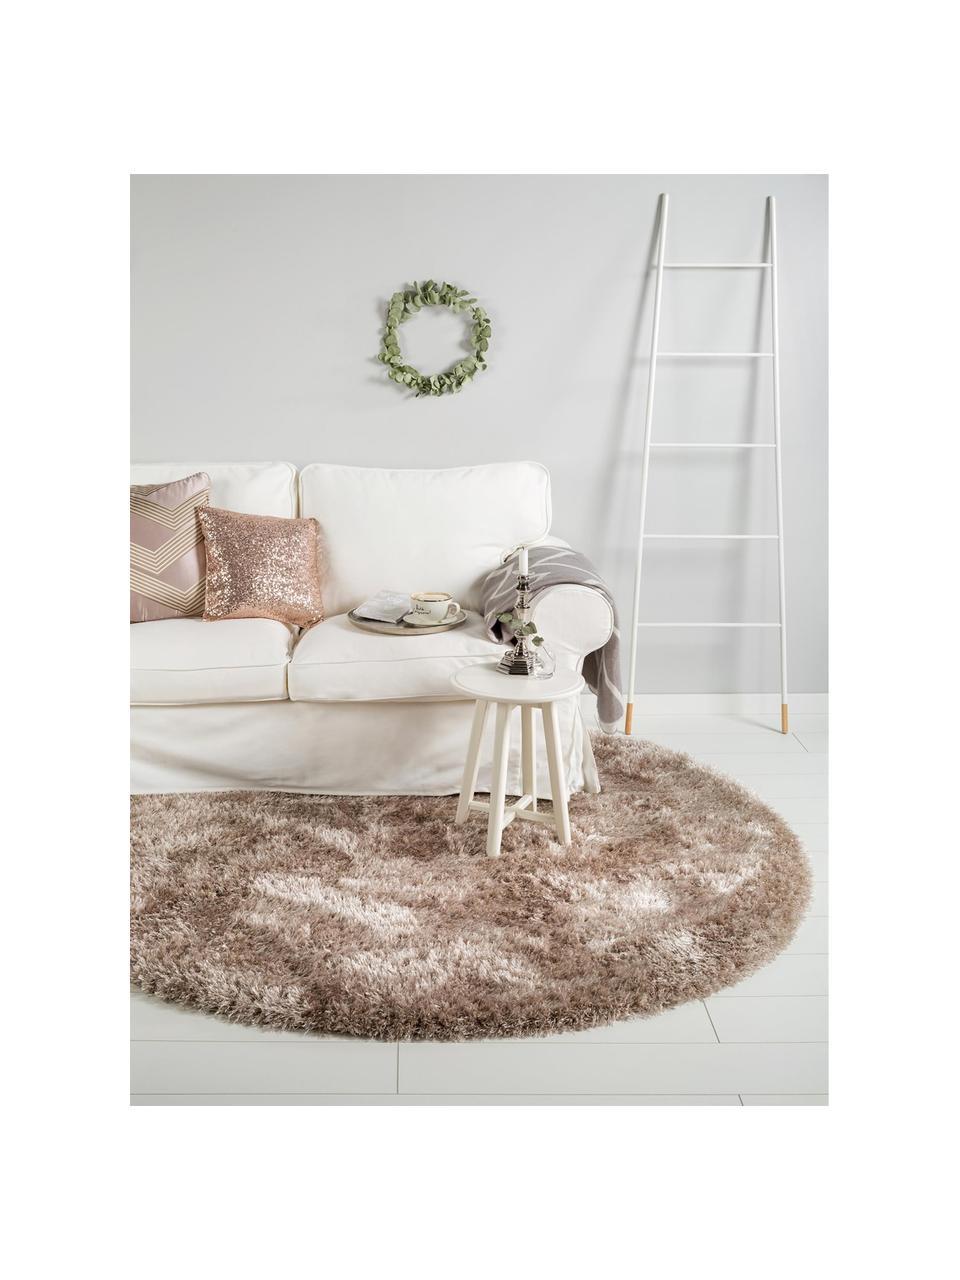 Glänzender Hochflor-Teppich Lea in Beige, rund, 50% Polyester, 50% Polypropylen, Beige, Ø 160 cm (Größe M)